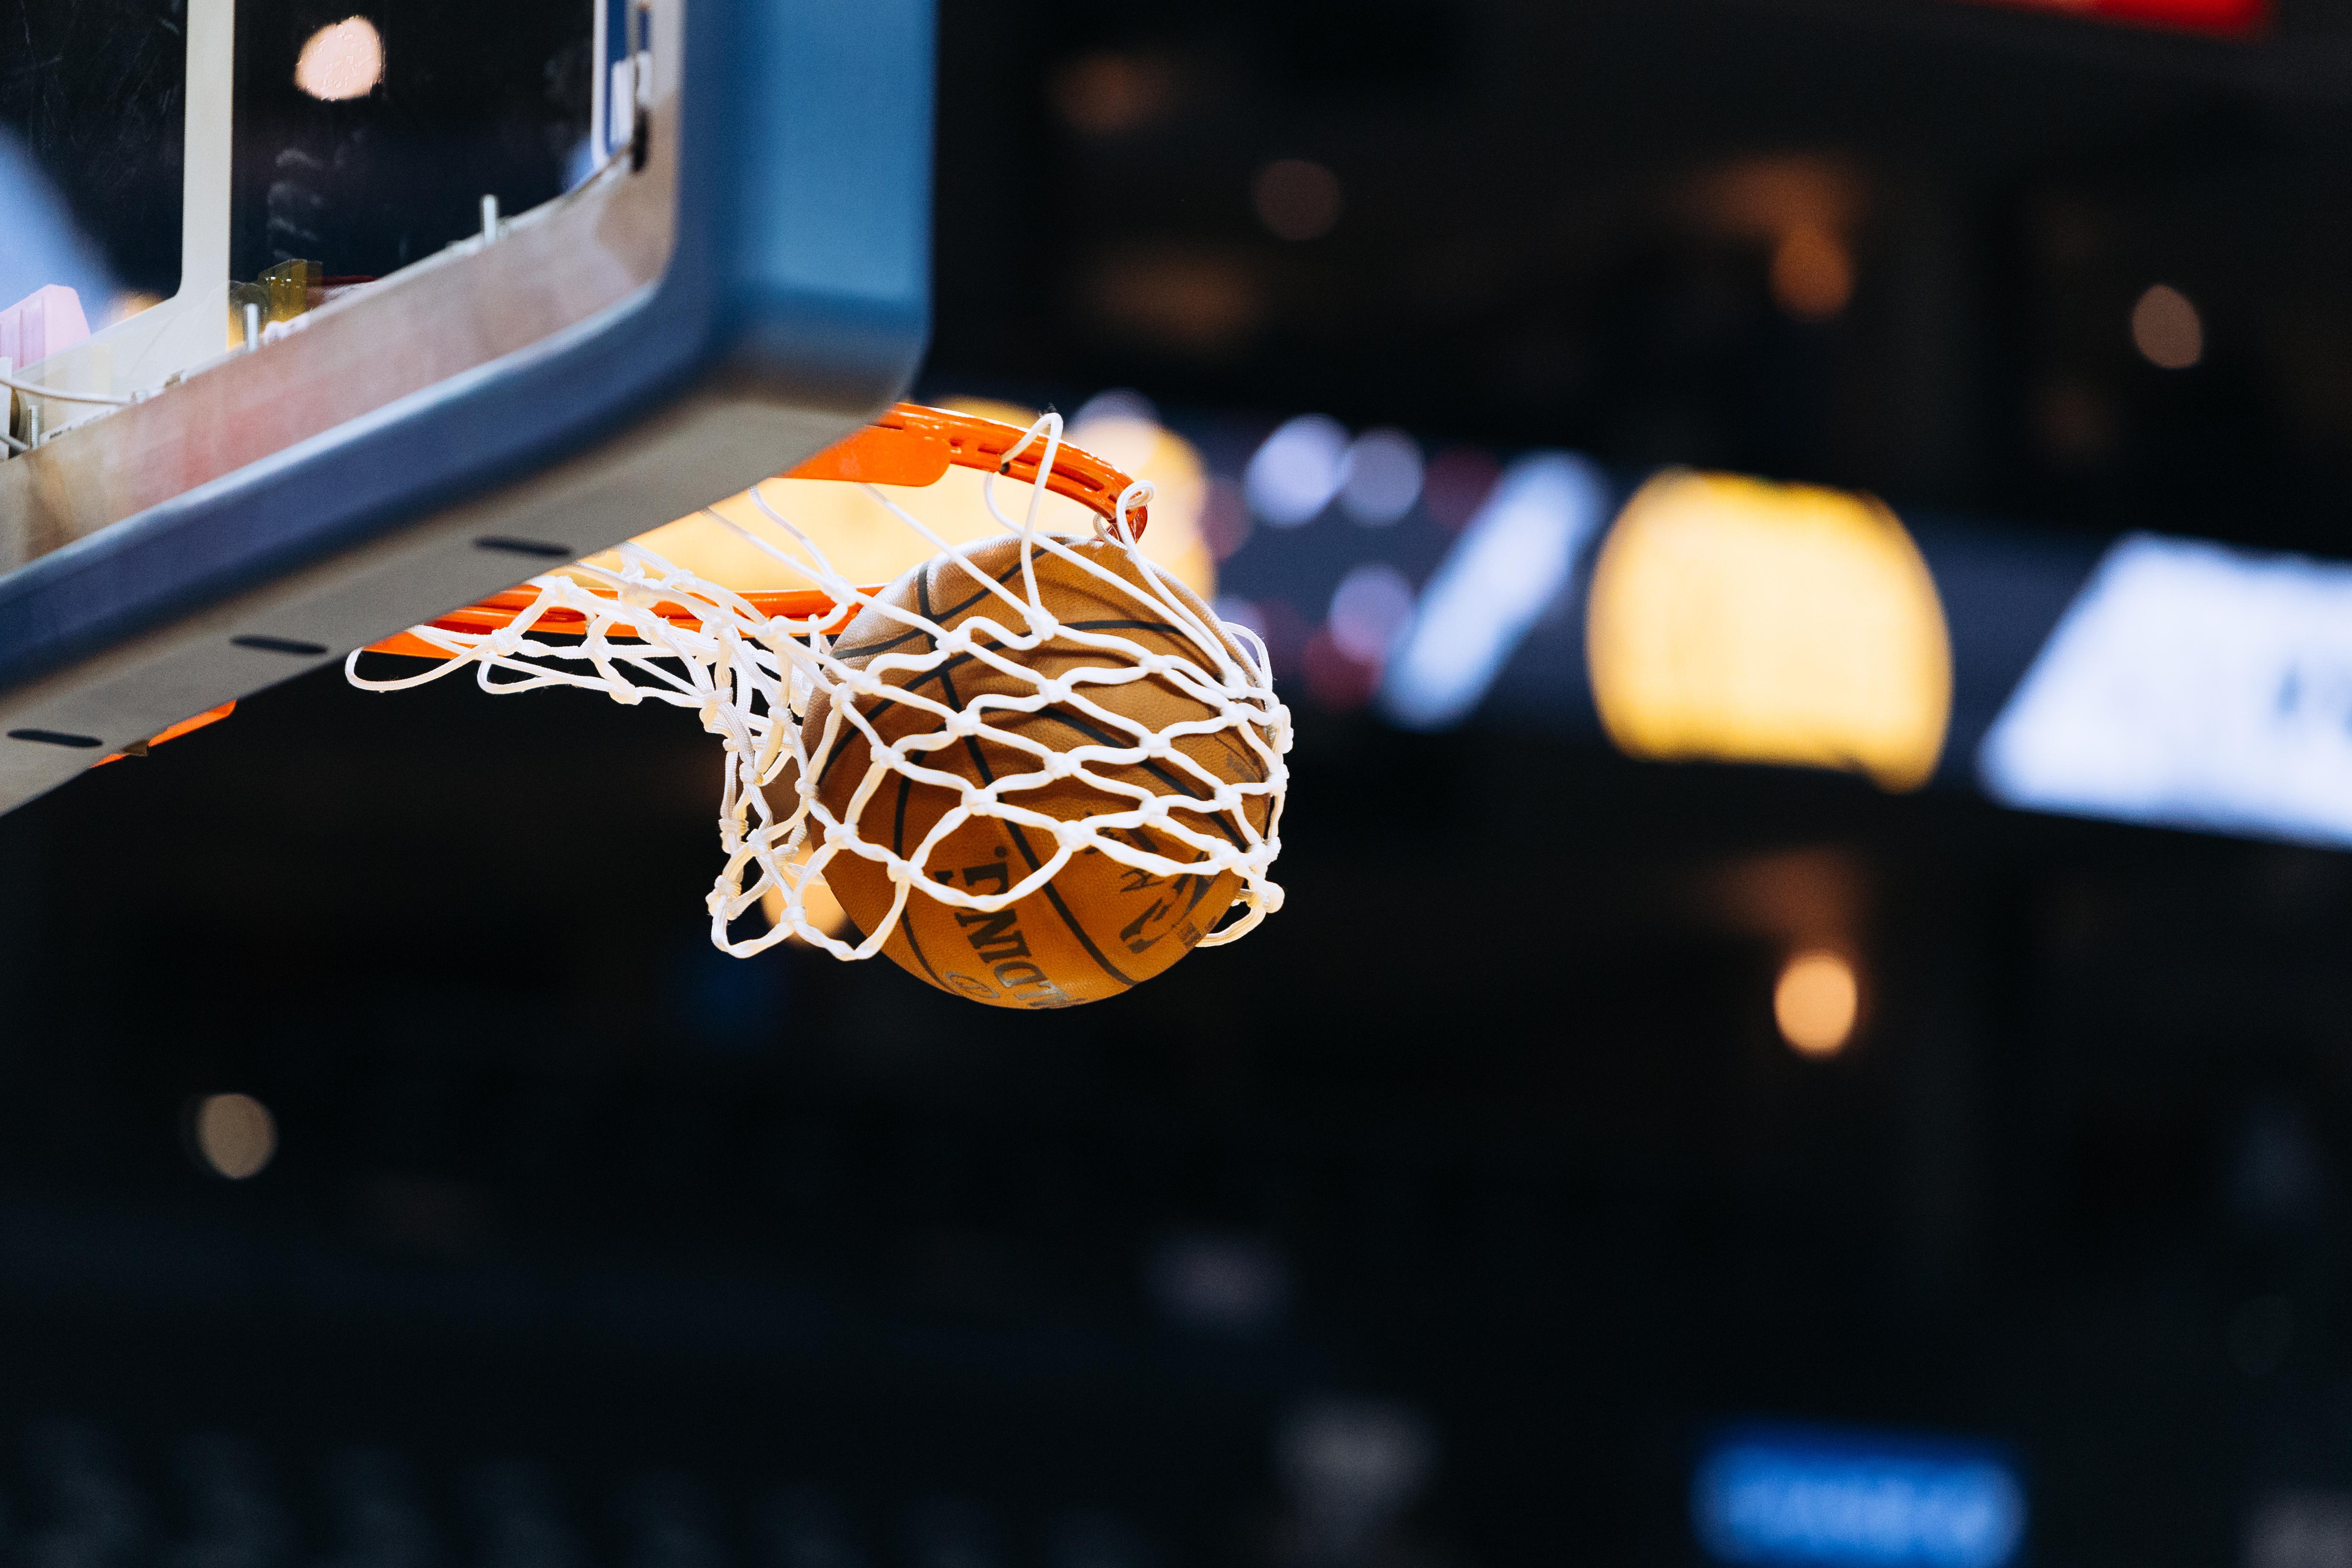 Za navijače, ki v ZDA odhajajo na košarkarsko tekmo med ekipama Luke Dončića in Gorana Dragića, je Telekom Slovenije pripravil zelo ugoden zakup